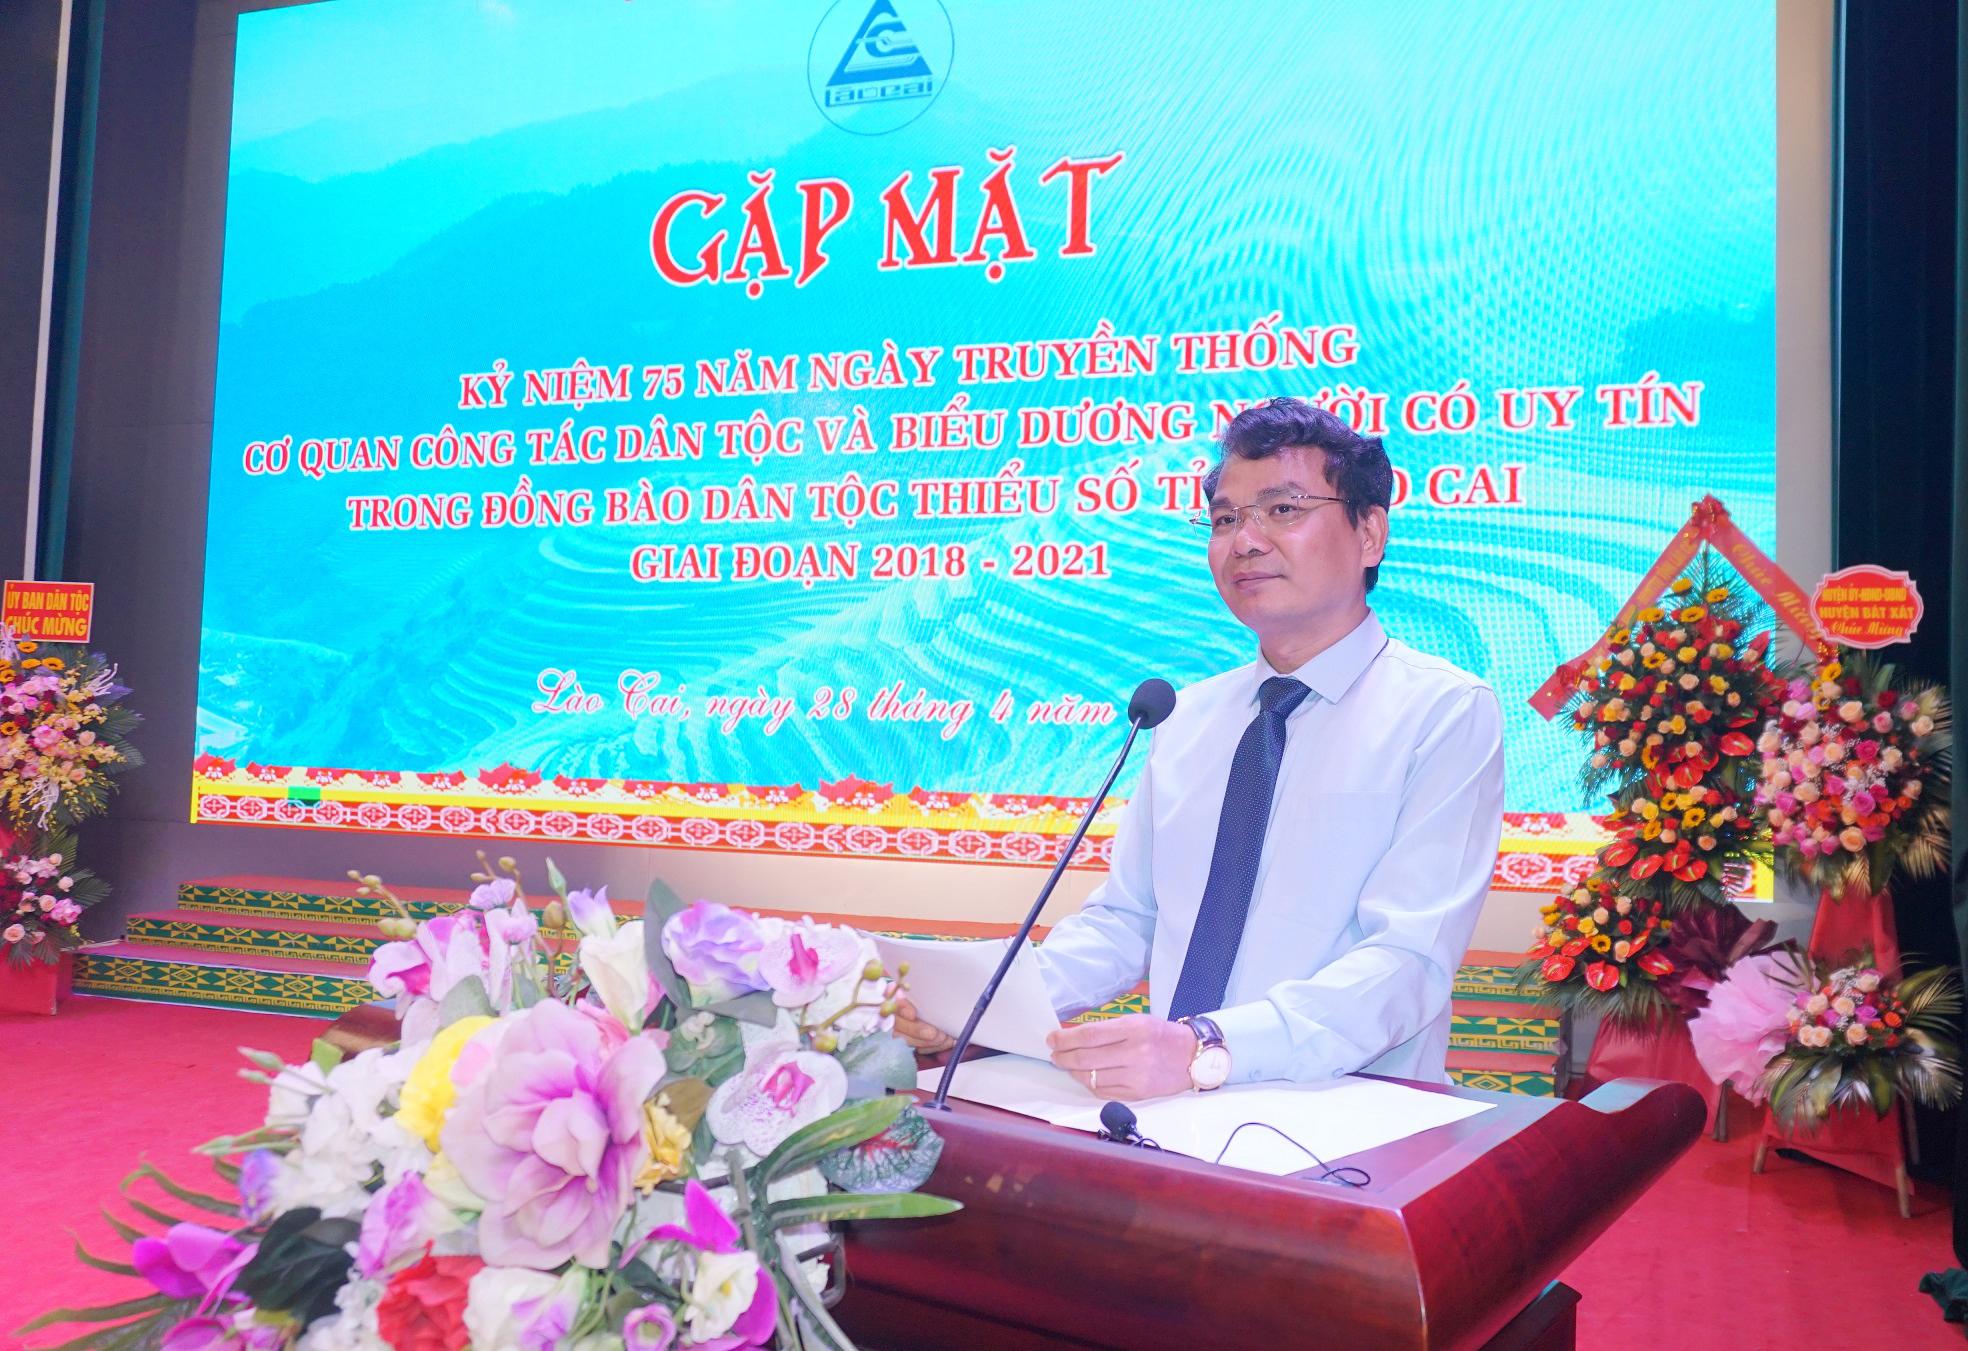 Bí thư Tỉnh ủy Lào Cai Đặng Xuân Phong phát biểu tại Hội nghị